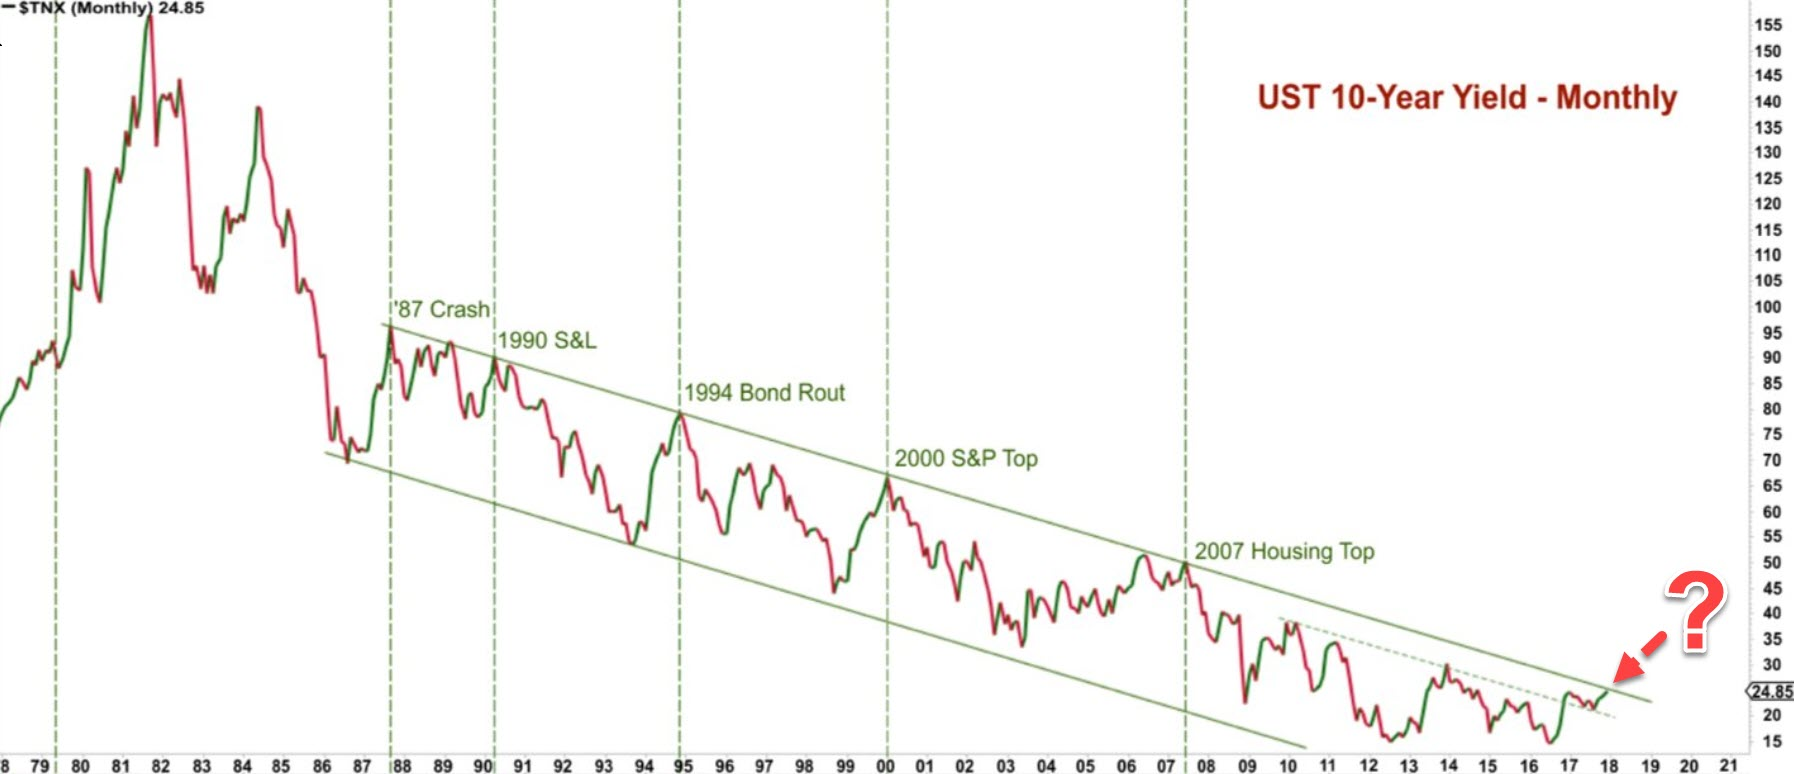 rentownosc obligacji usa